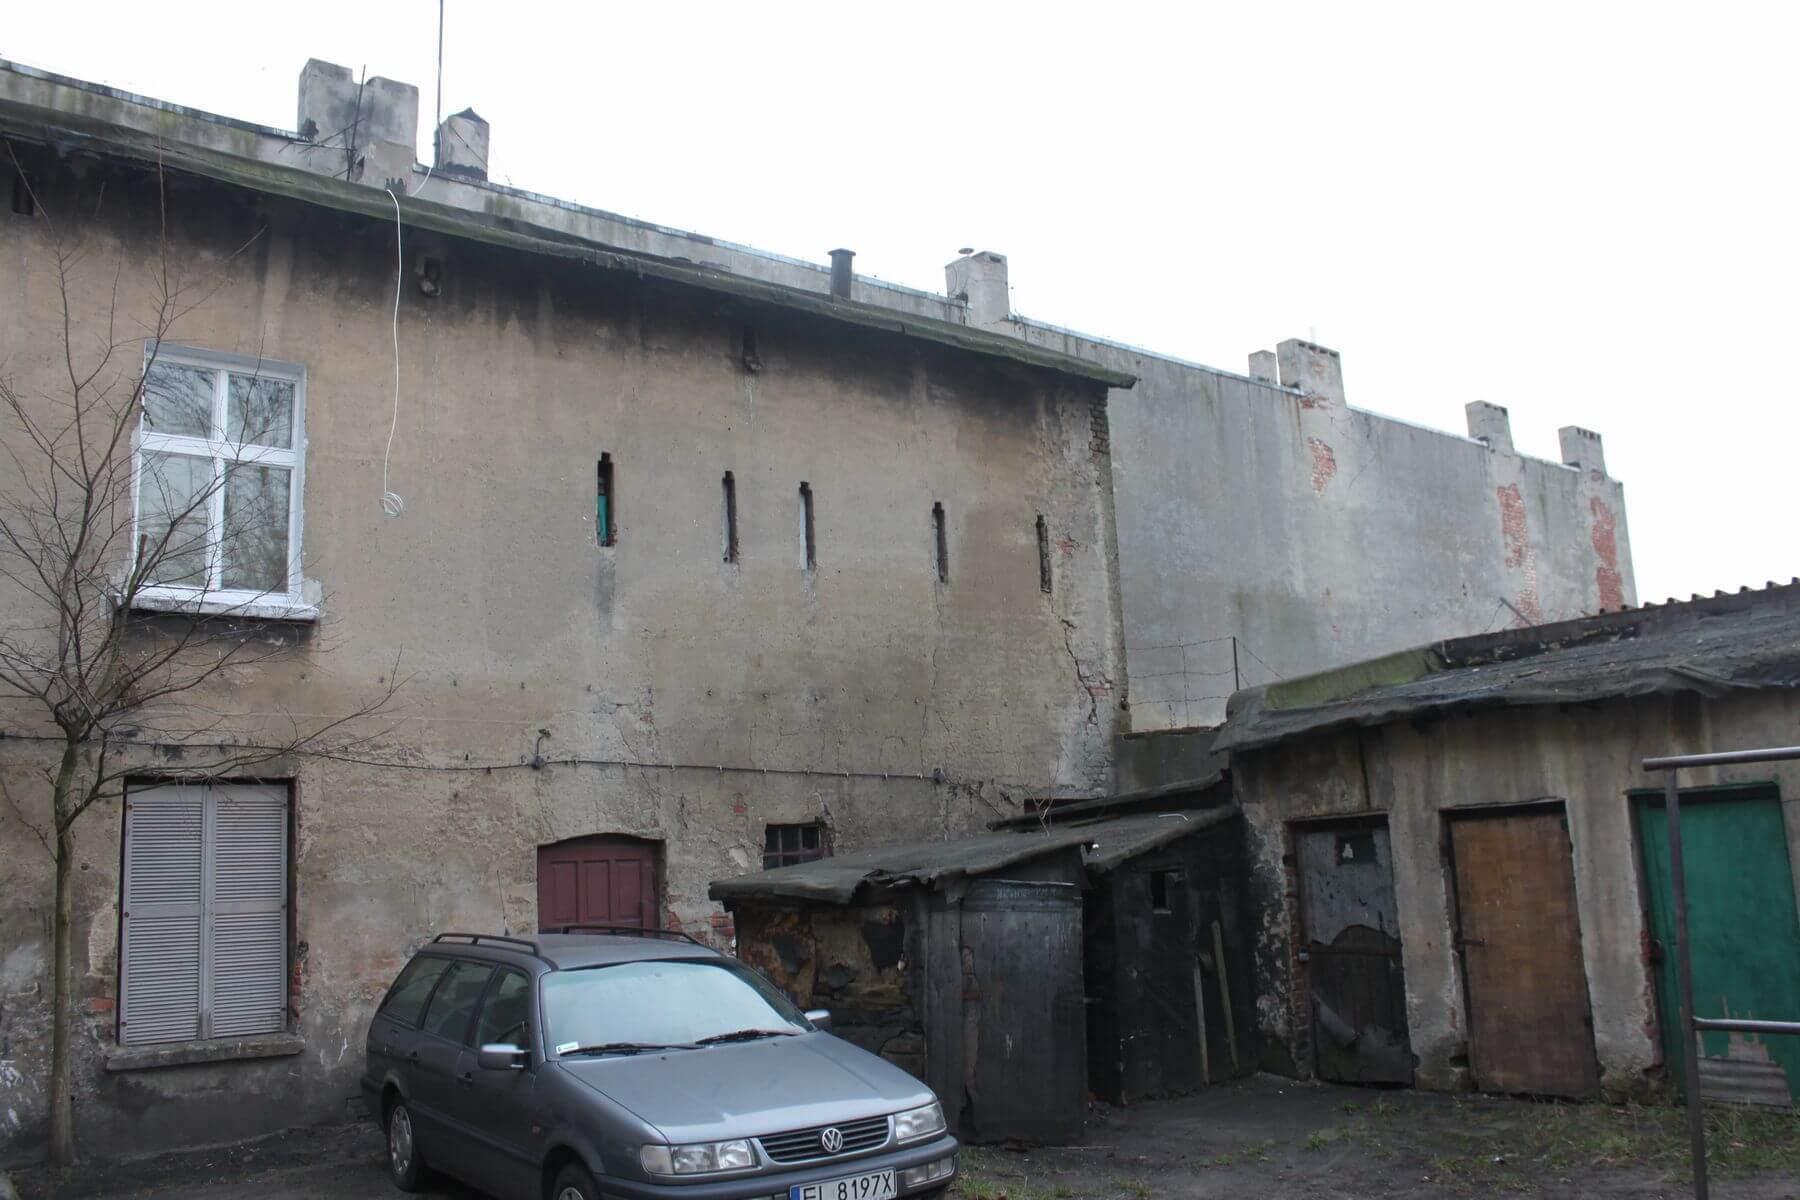 Kamienica ma 782,17m² powierzchni użytkowej. Pierwotnie posiadała 3 kondygnacje oraz strych, na którym zlokalizowane były ciemne i niskie pralnia oraz suszarnia. Na parterze oraz pozostałych 2 piętrach zlokalizowanych było 33 lokali mieszkalnych.